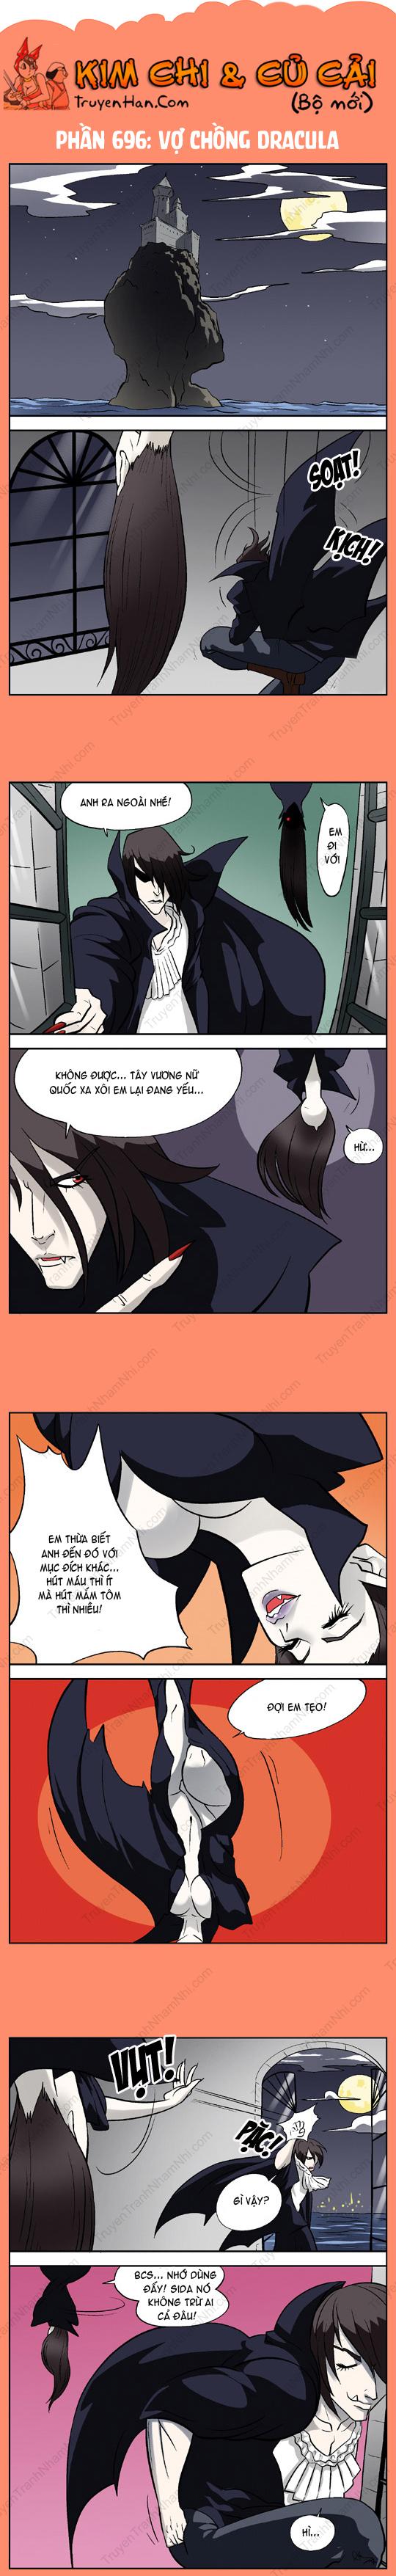 Kim Chi Và Củ Cải Phần 696: Vợ chồng Dracula